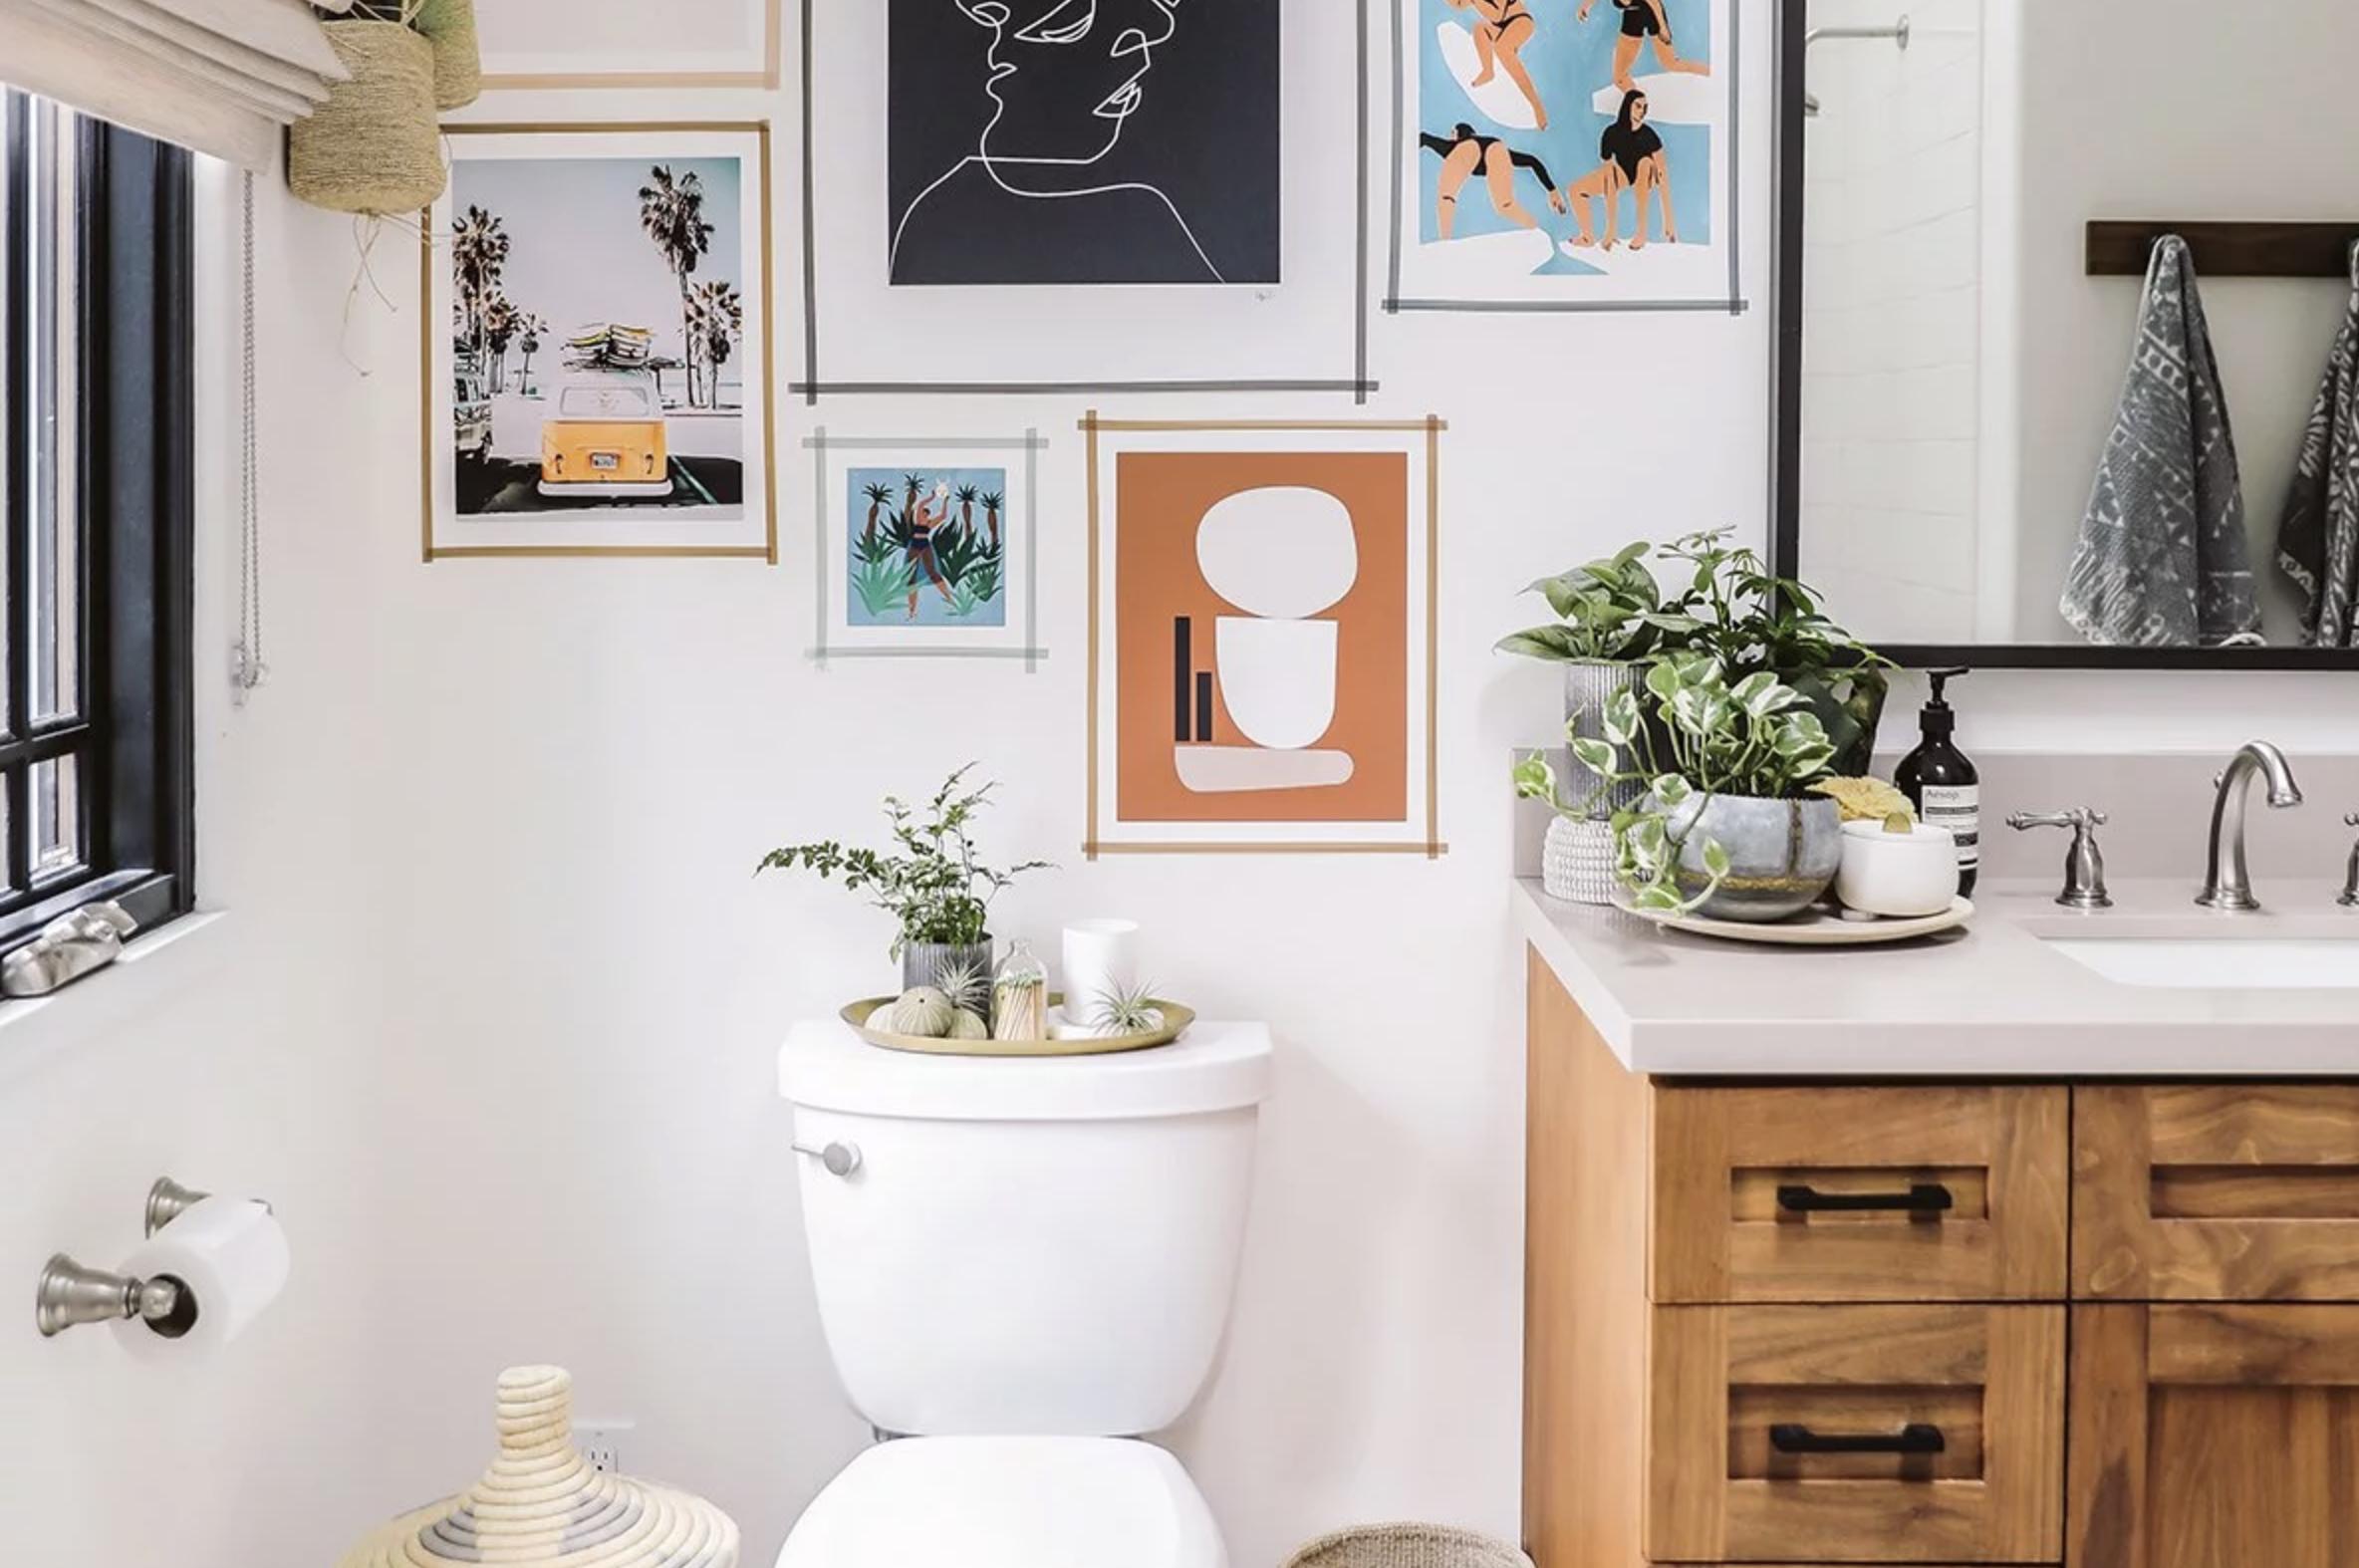 7 Manieren Om Van Het Toilet Een Eyecatcher Te Maken Kleine Woonkamer Inrichting Badkamerdecoratie Badkamer Wanden